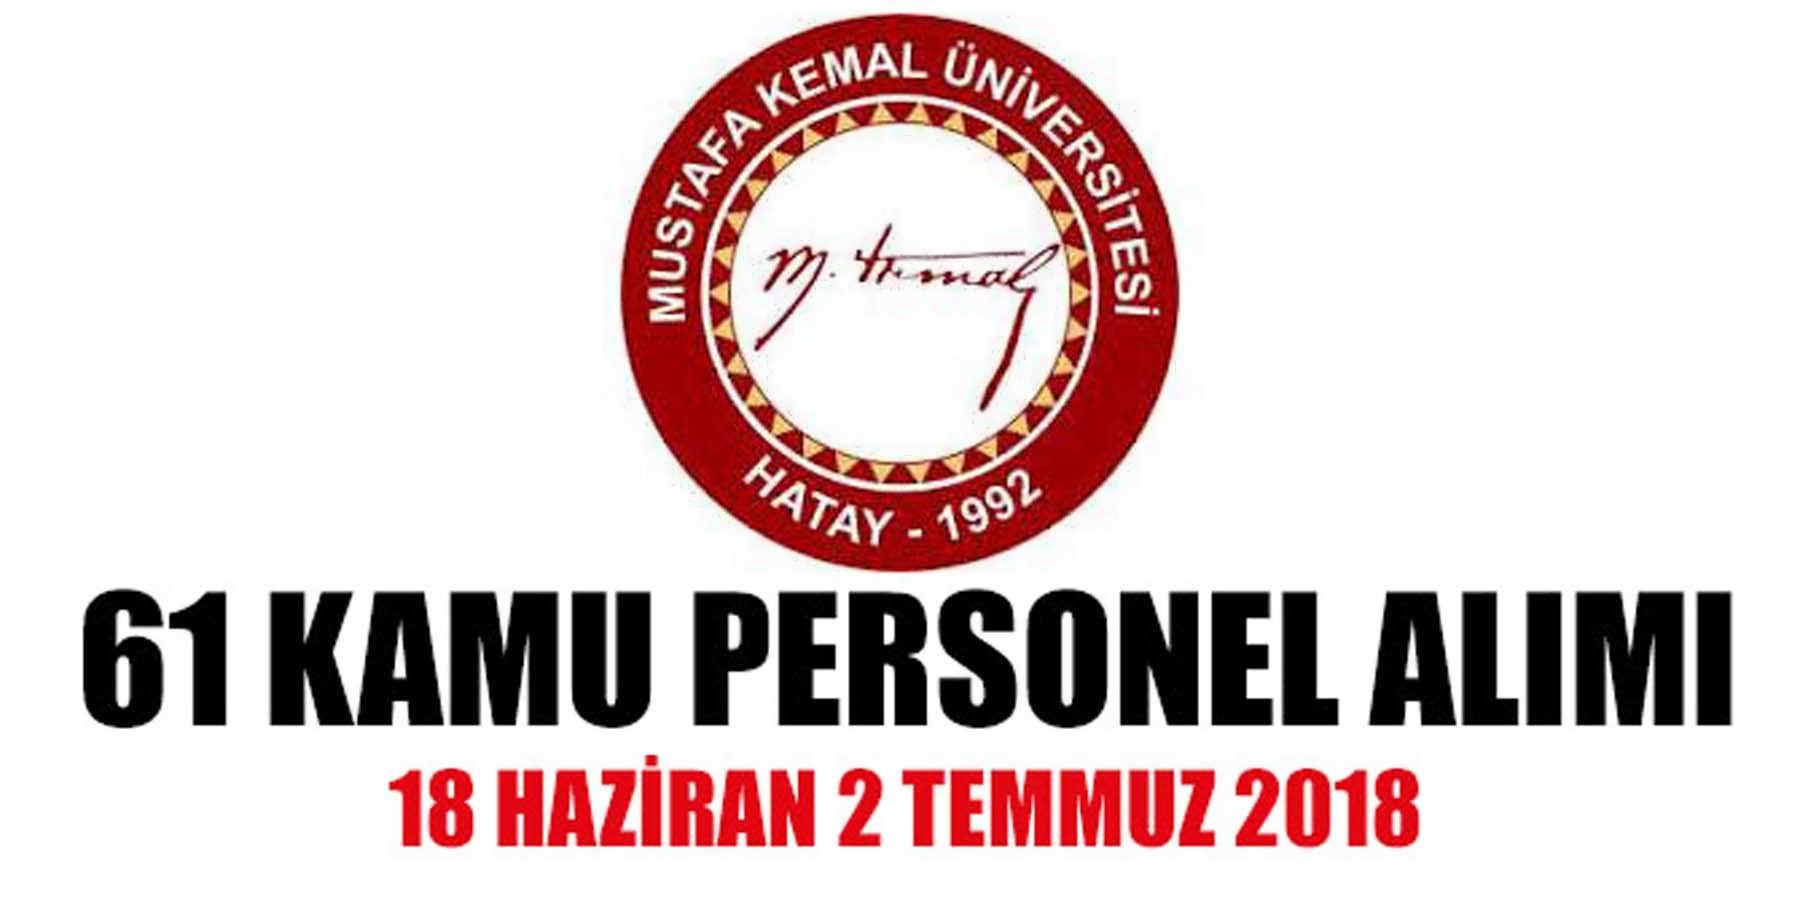 Hatay Mustafa Kemal Üniversitesi 61 Sağlık Personeli (Kamu Personeli) Alımı